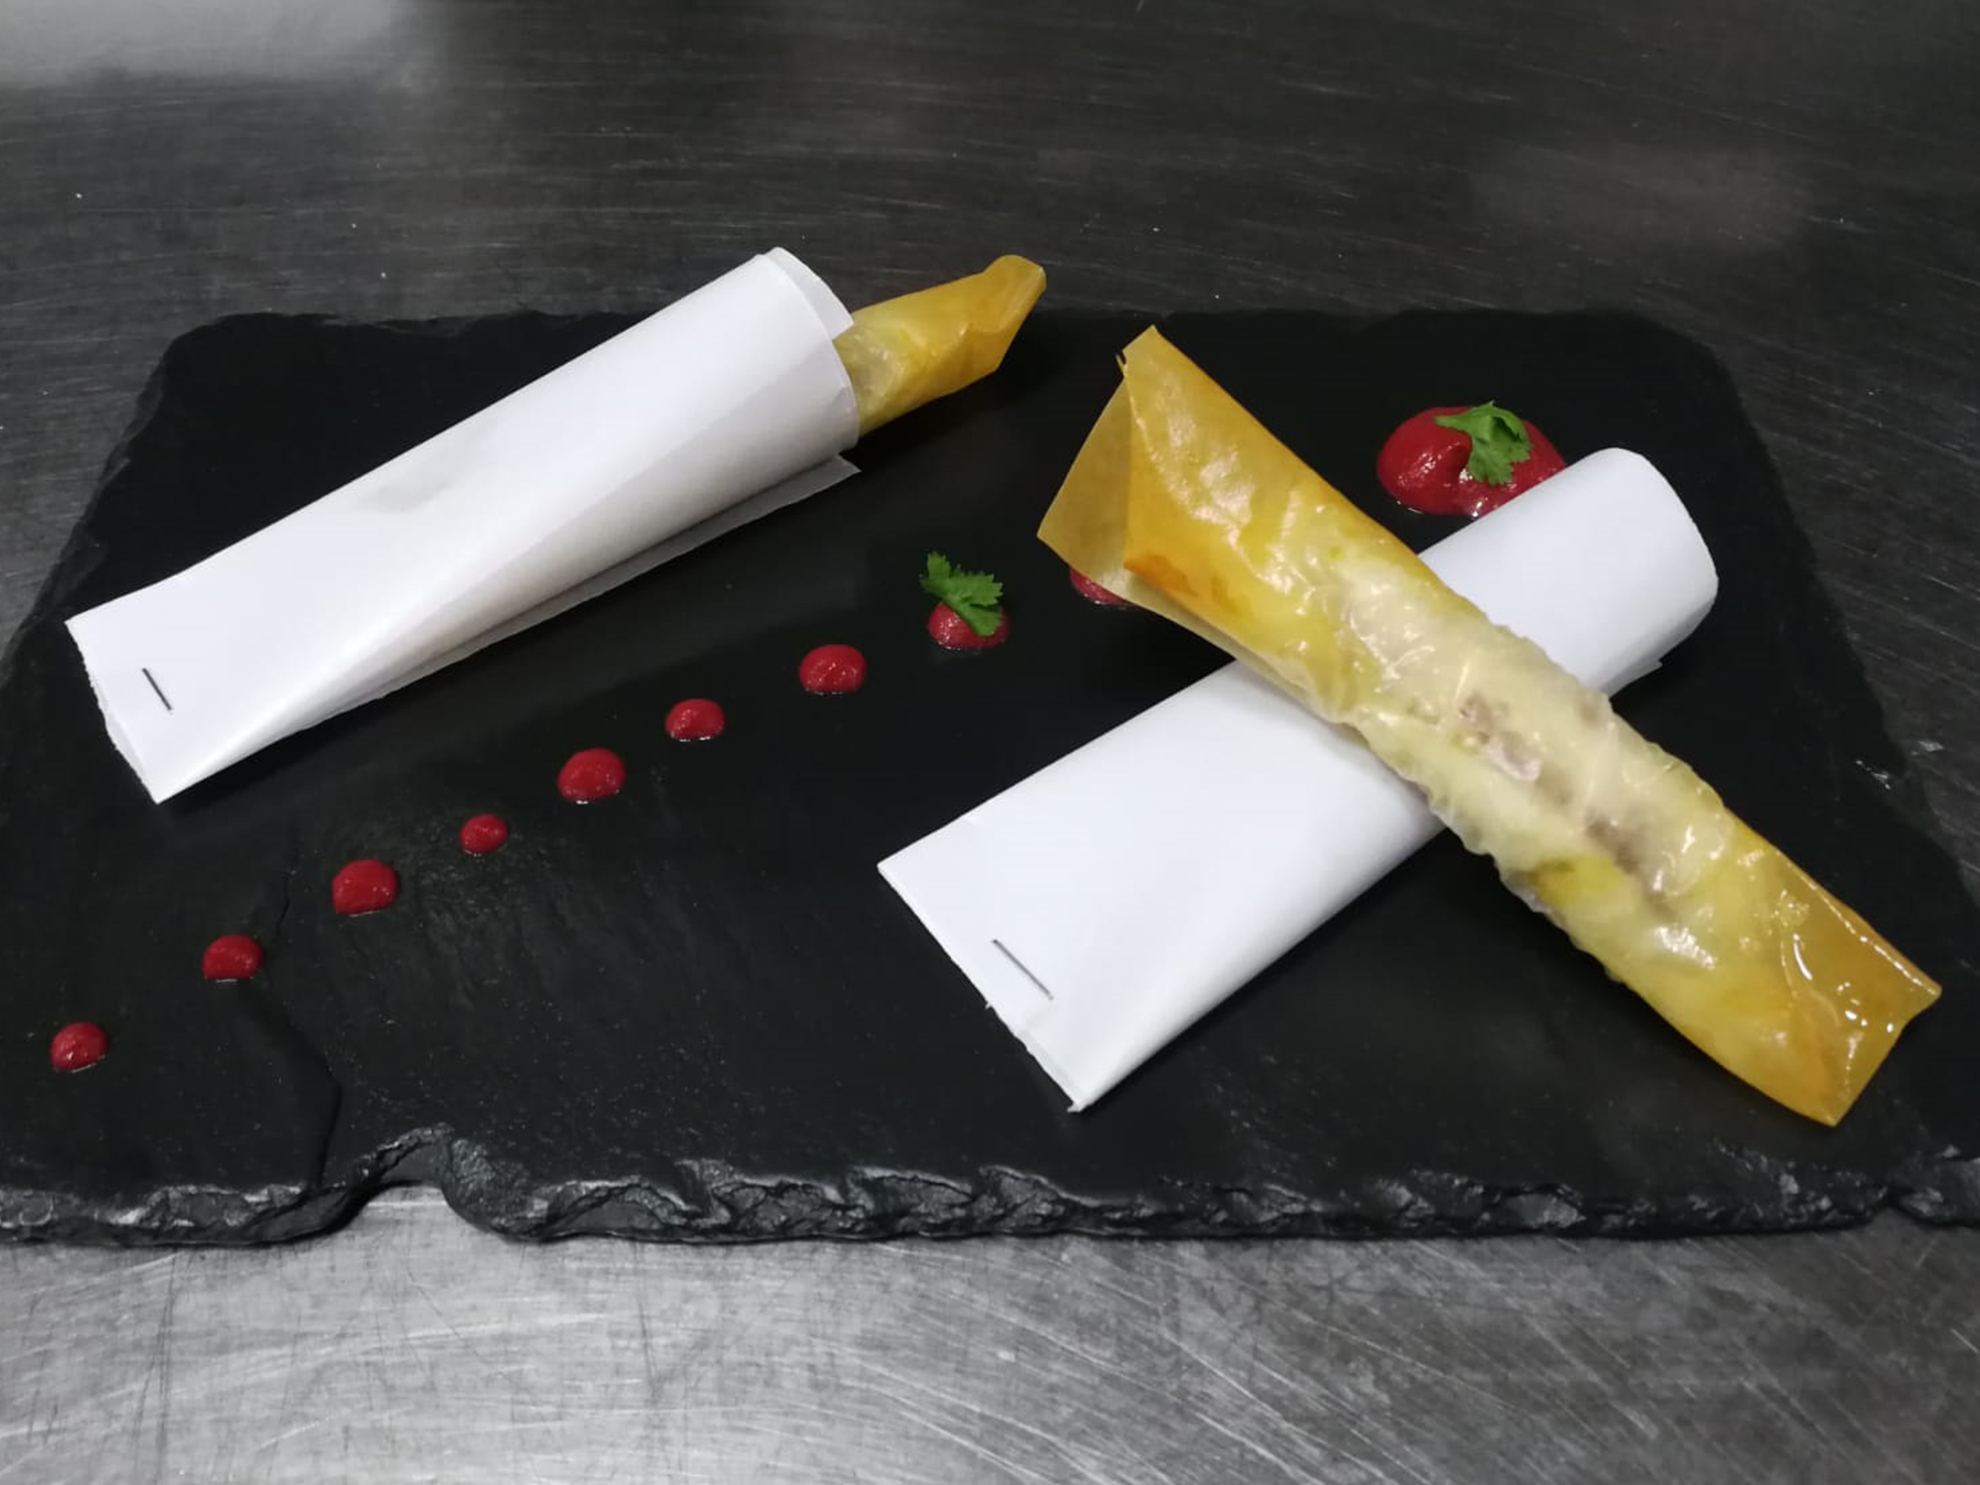 Jornadas Gastronómicas De La Sal y El Estero | Los Portales